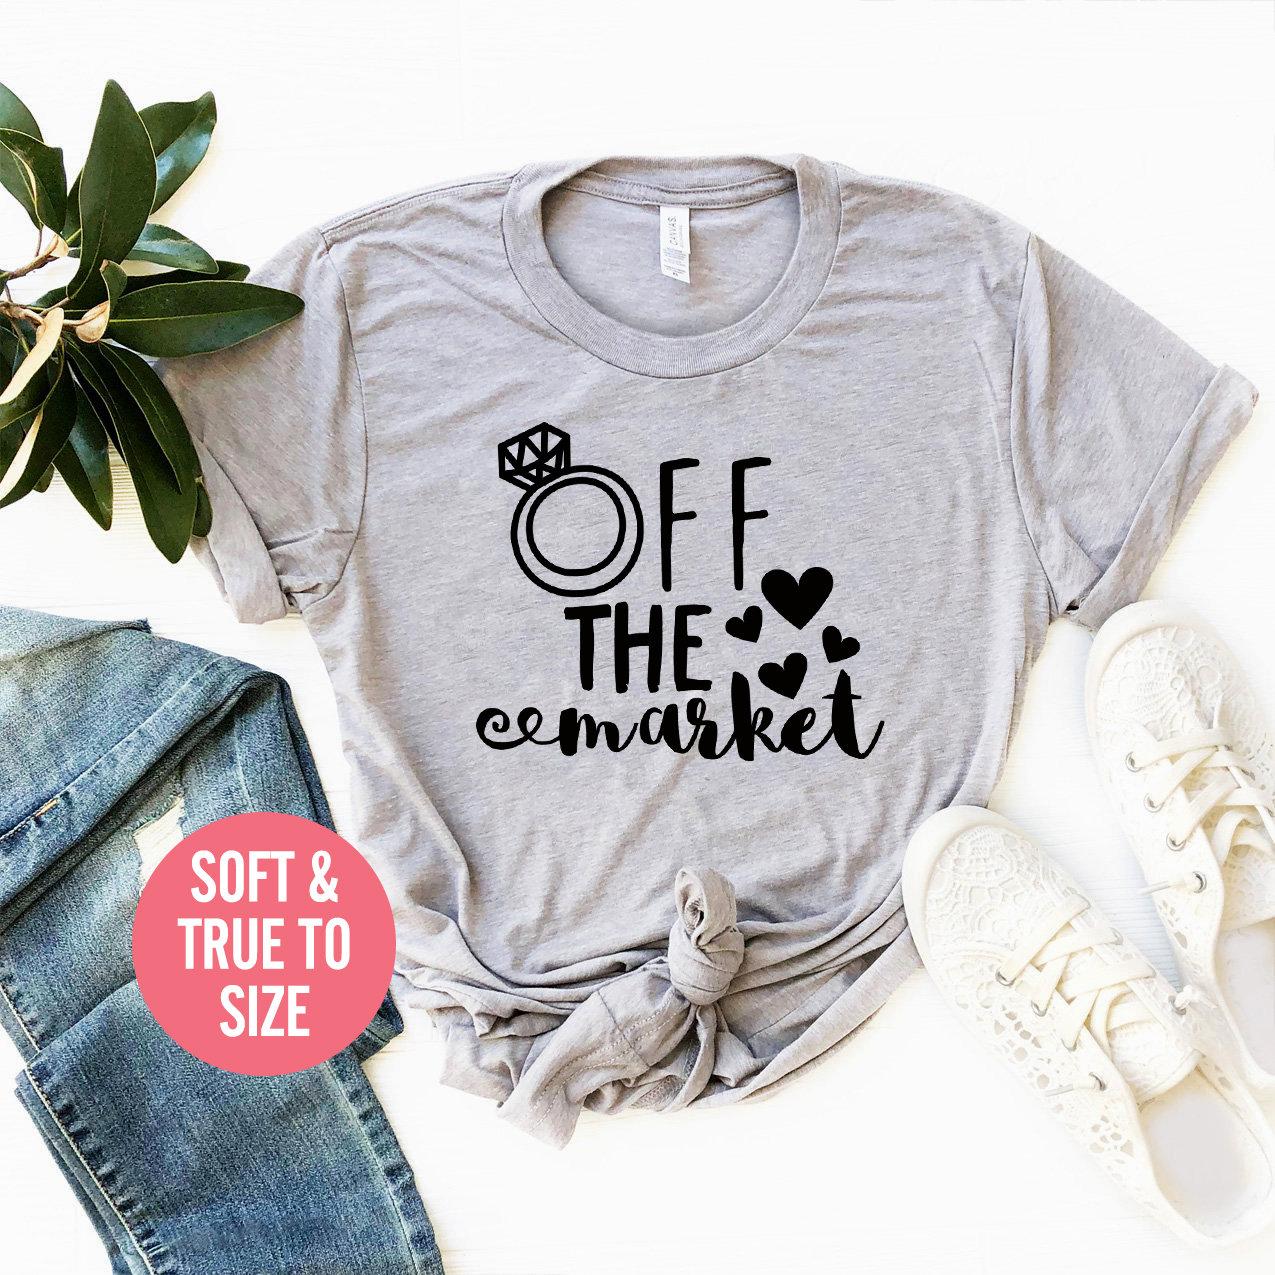 Le T-Shirt de marché, Shirt, prise T Shirt, marché, Womens engagé T ... ffda53161db7